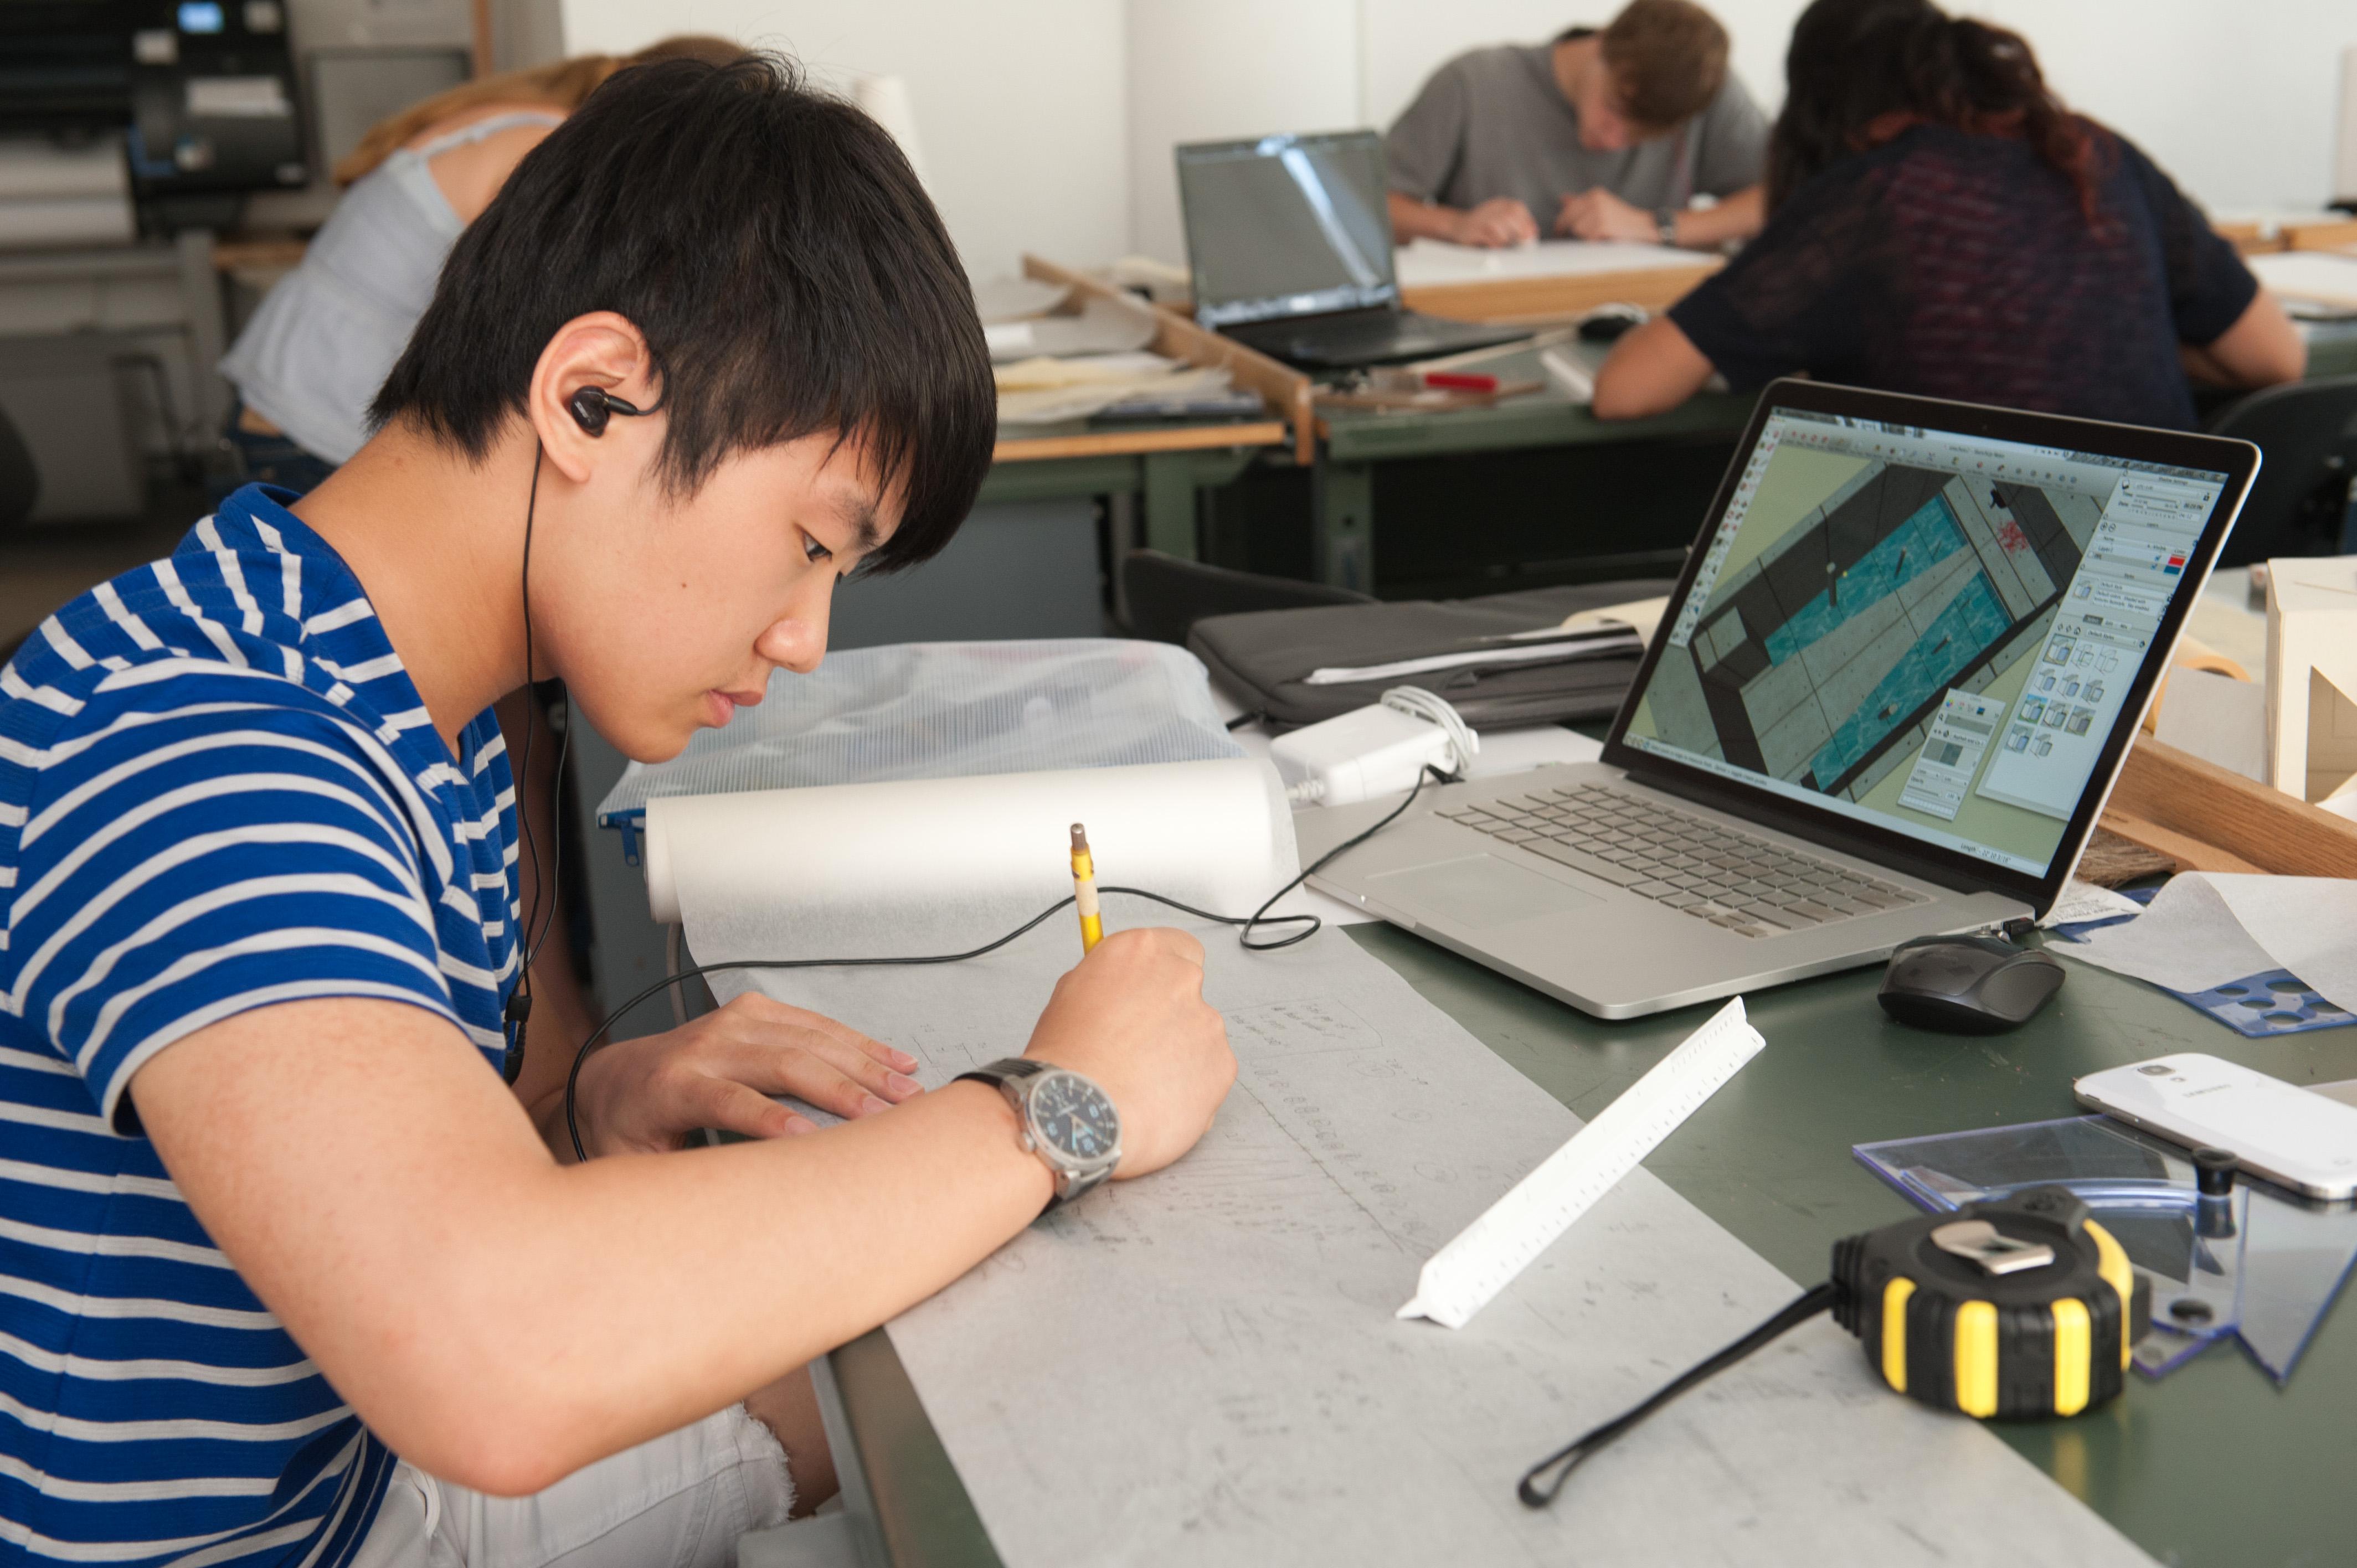 Summer Program - College Application | Julian Krinsky: Architecture - Summer at Penn